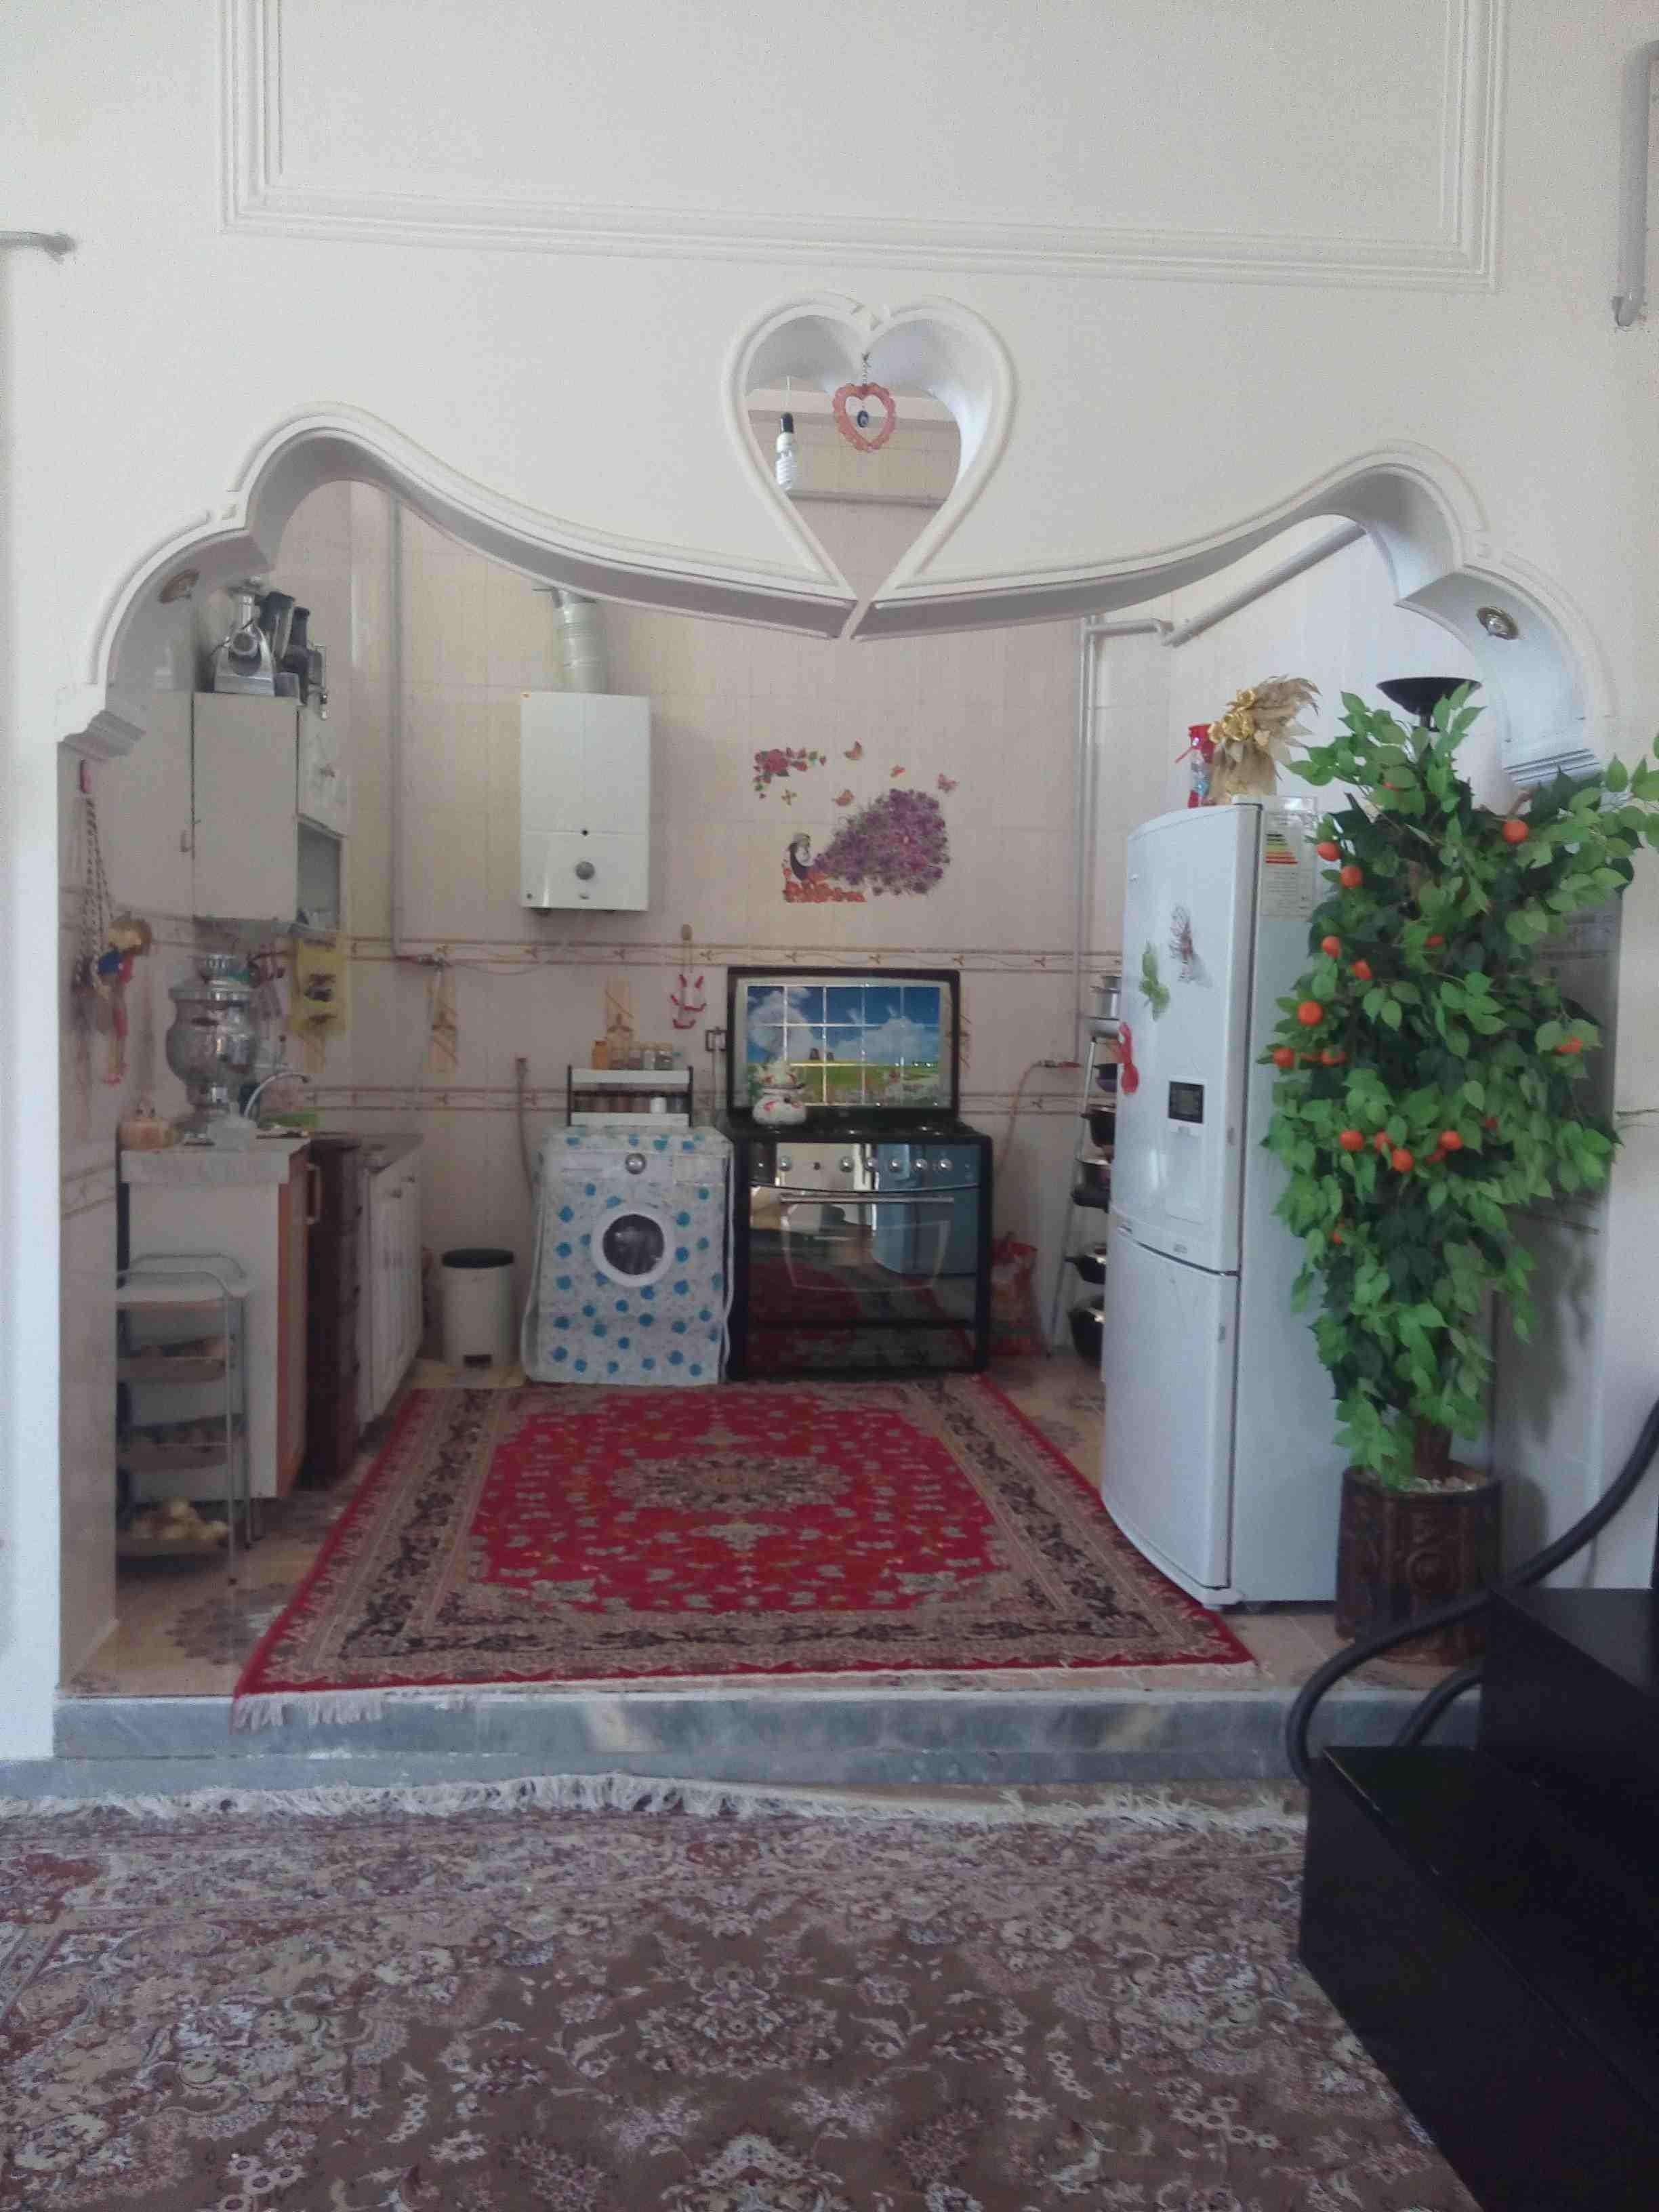 درون شهری آپارتمان مبله دربست گرماب شهر زنجان - دو خواب